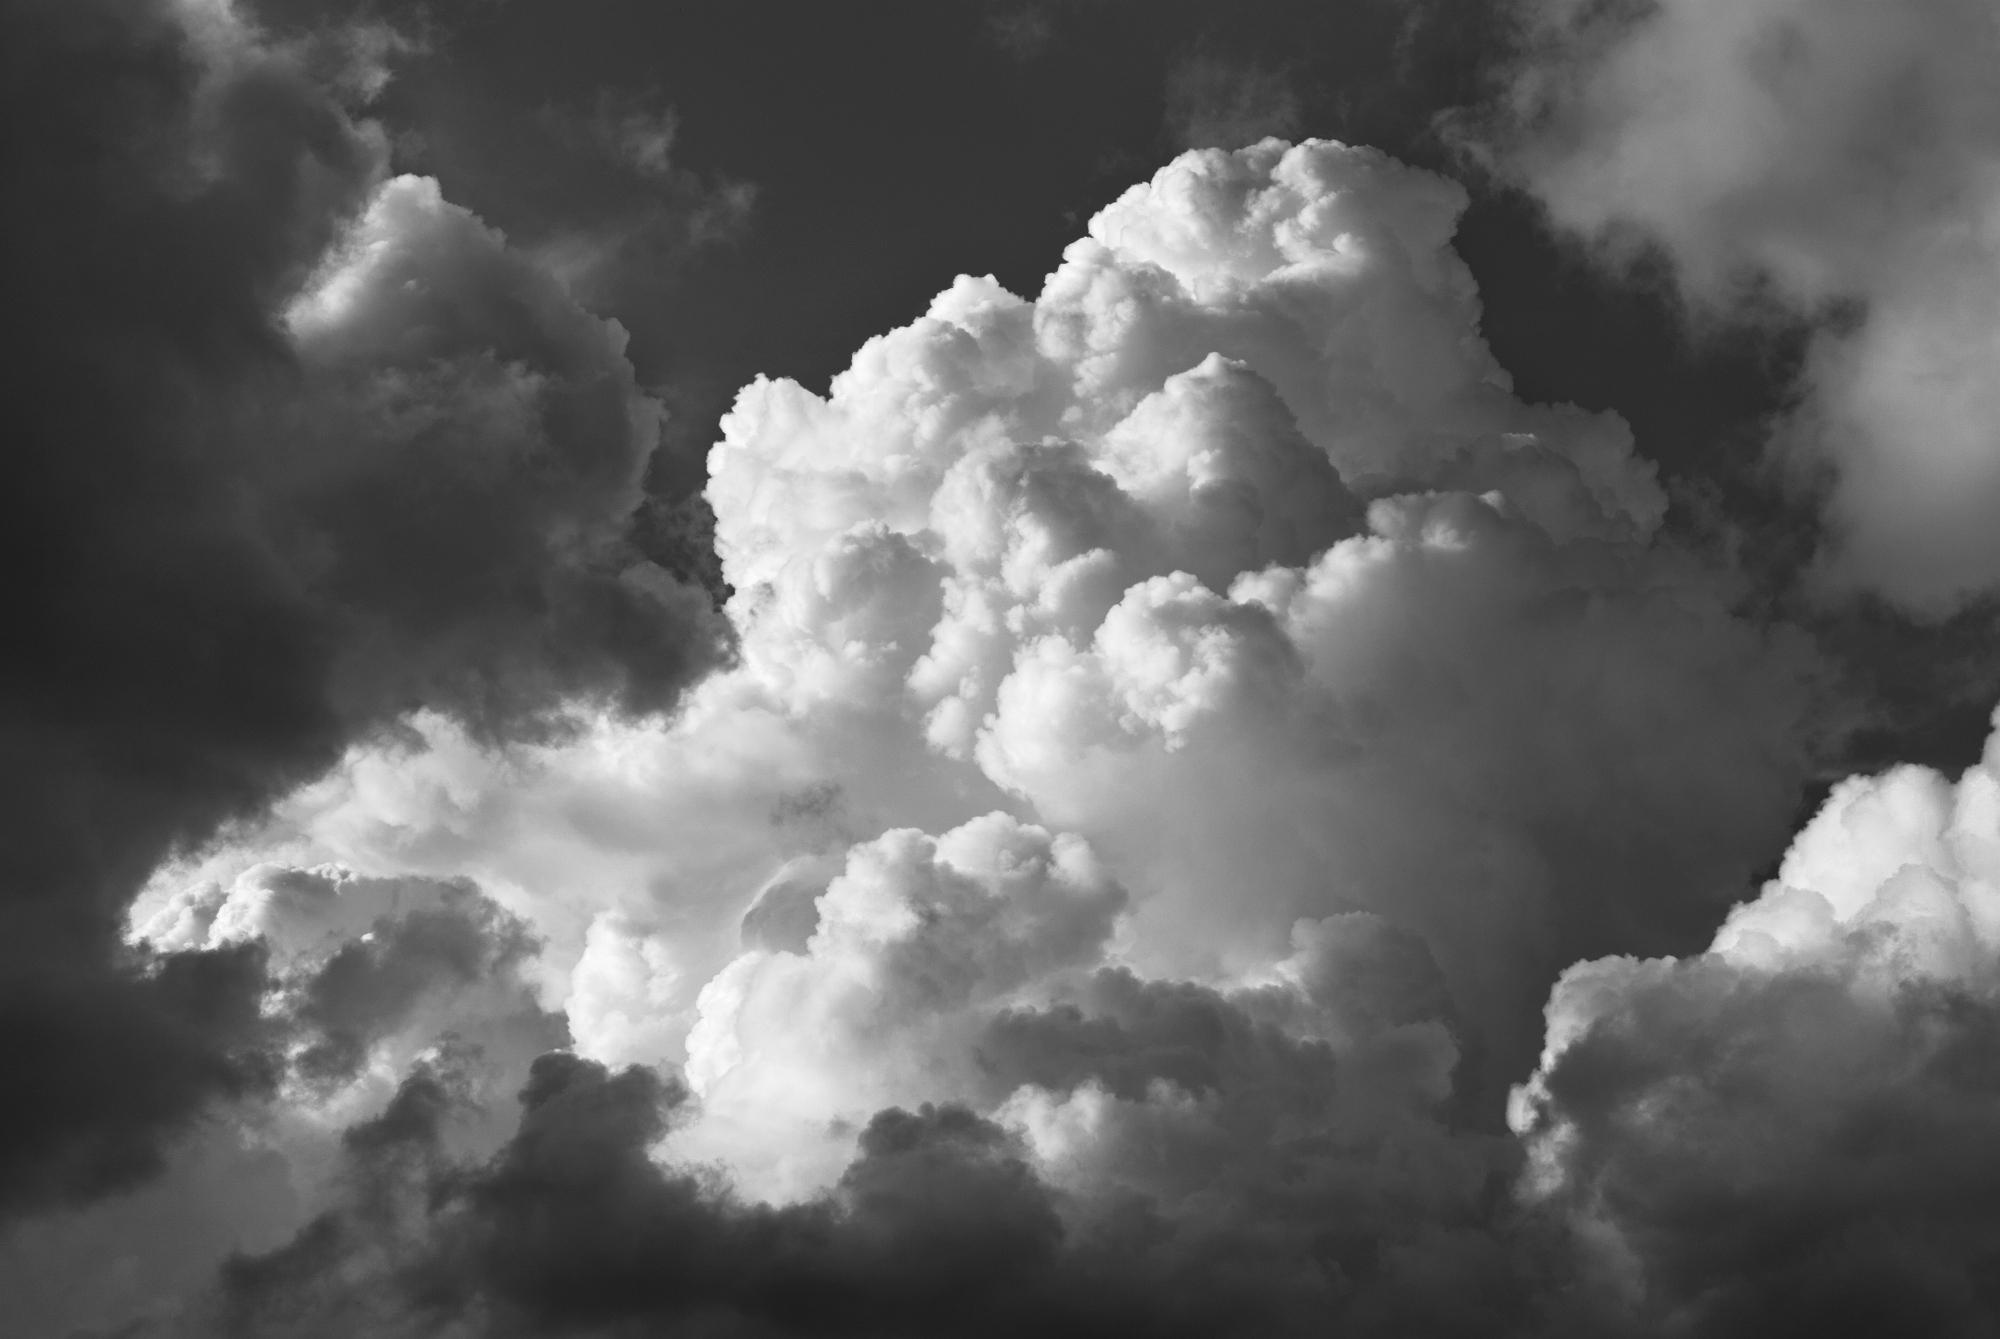 Ta chmura może wyglądać złowieszczo i warto mieć na nią oko, ale nie zwiastuje poważnego zagrożenia. Jej góra przypominająca różyczki kalafiora informuje o tym, że nie pojawił się jeszcze lód, więc nadal jest przyjazna, a każdy padający z niej deszcz da się przeżyć (fot. materiały prasowe)